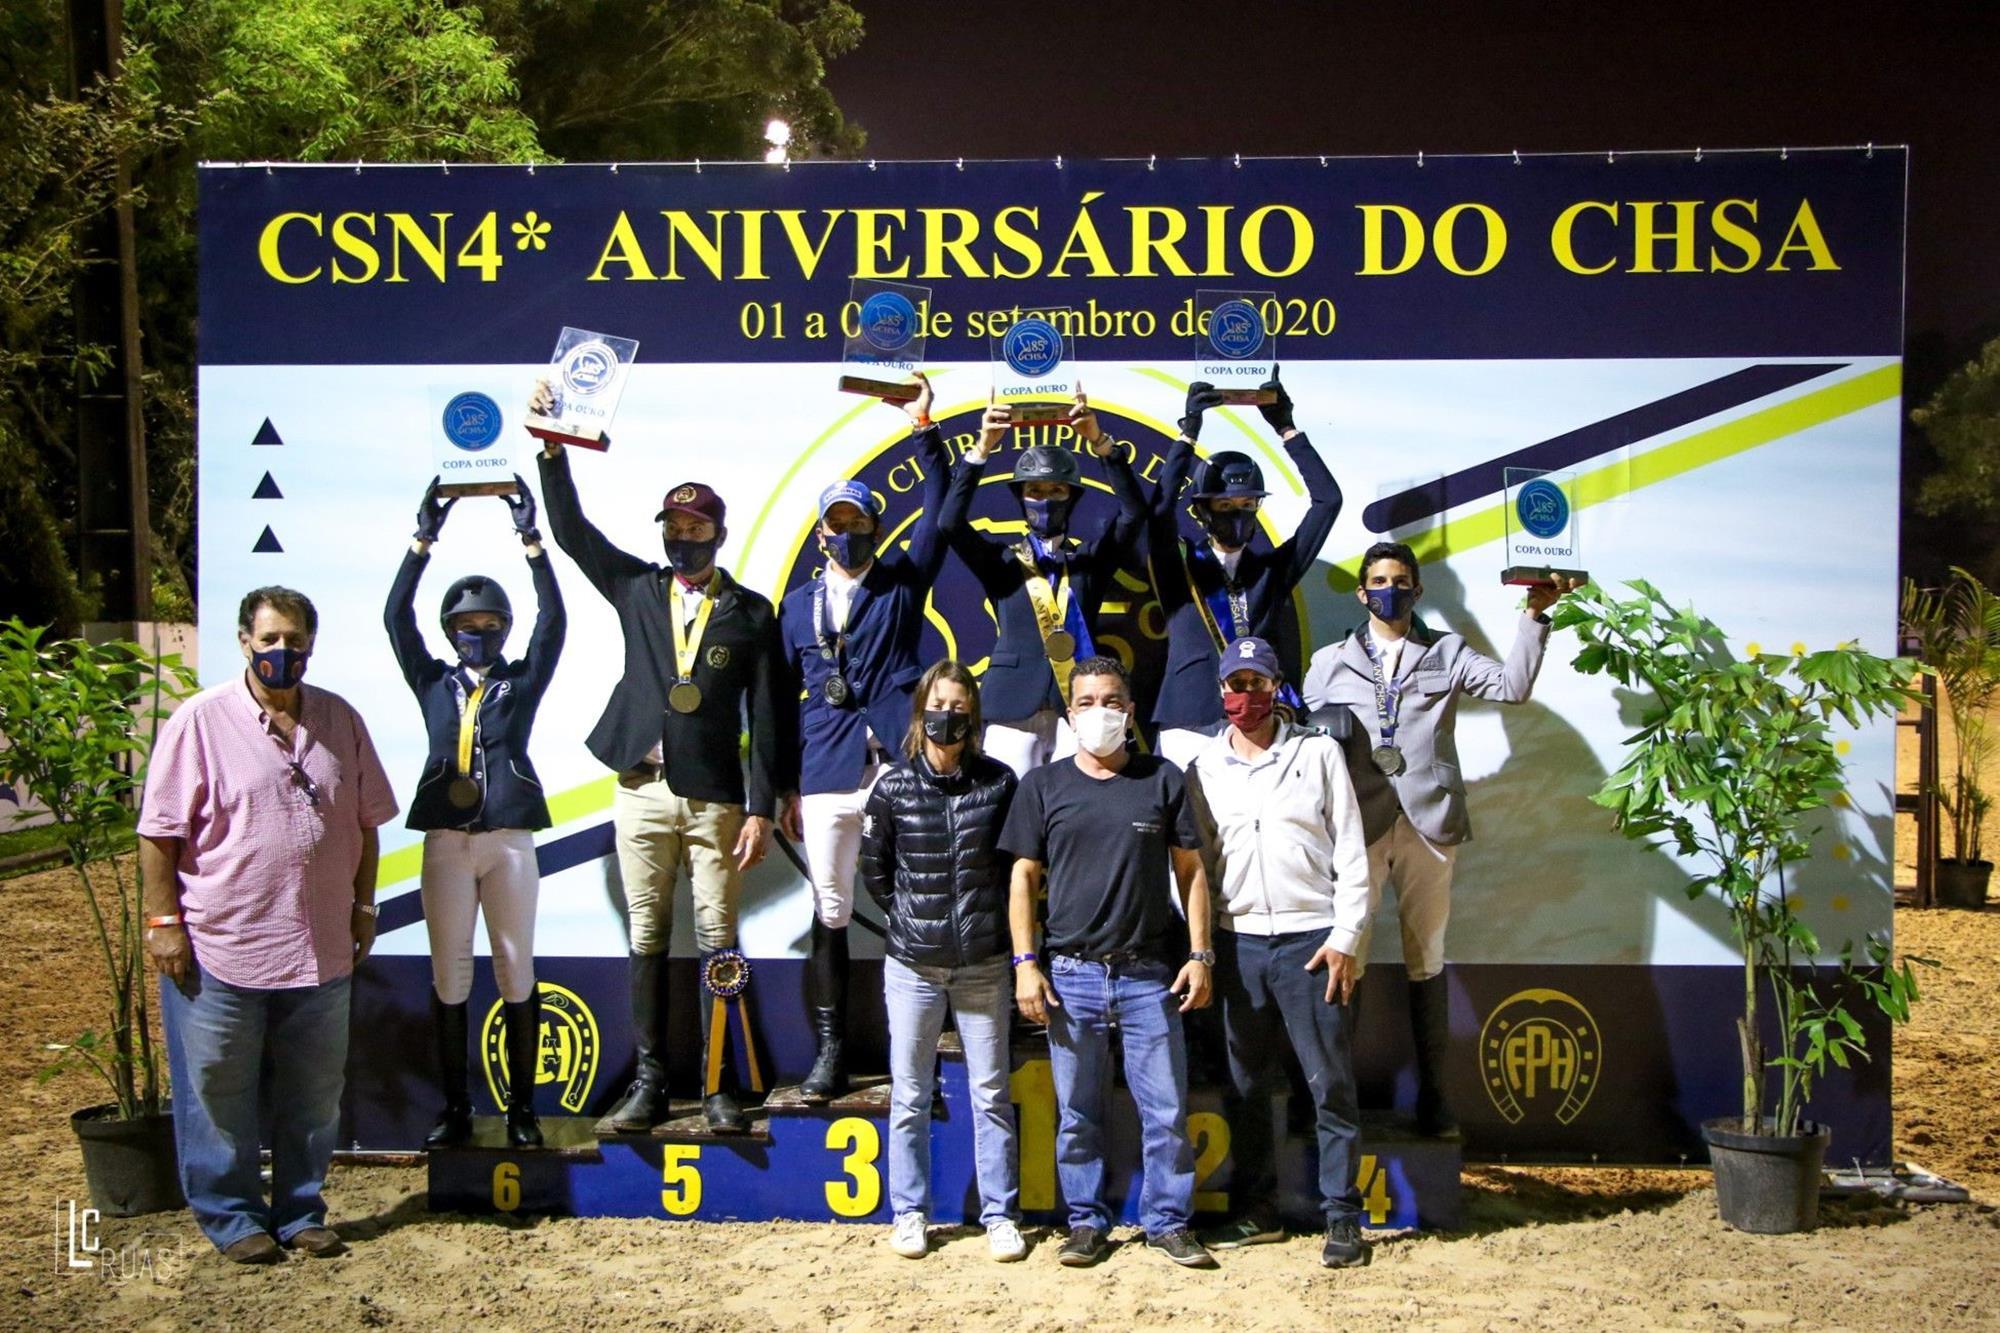 Pódio da Copa Ouro, Copa Ouro, Luis Ruas, CSN dos 85 Anos do CH Santo Amaro retoma hipismo em SP